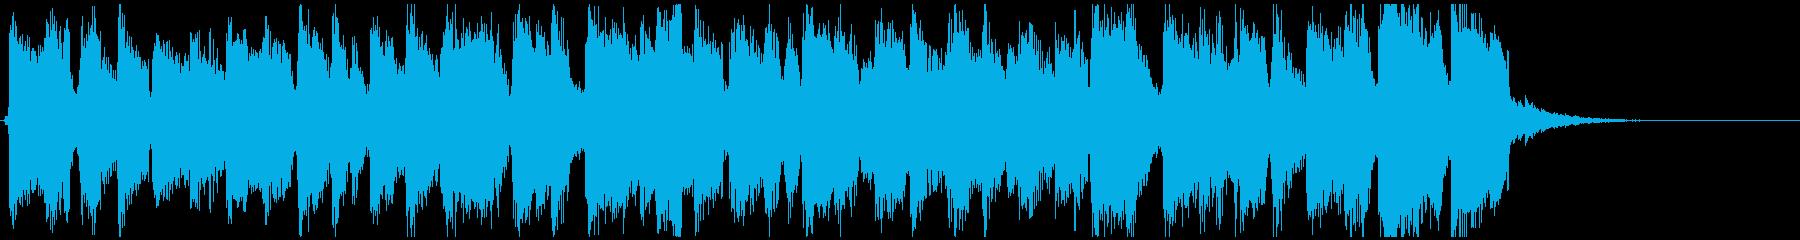 おもちゃ楽器のパレード、行進曲風15秒曲の再生済みの波形